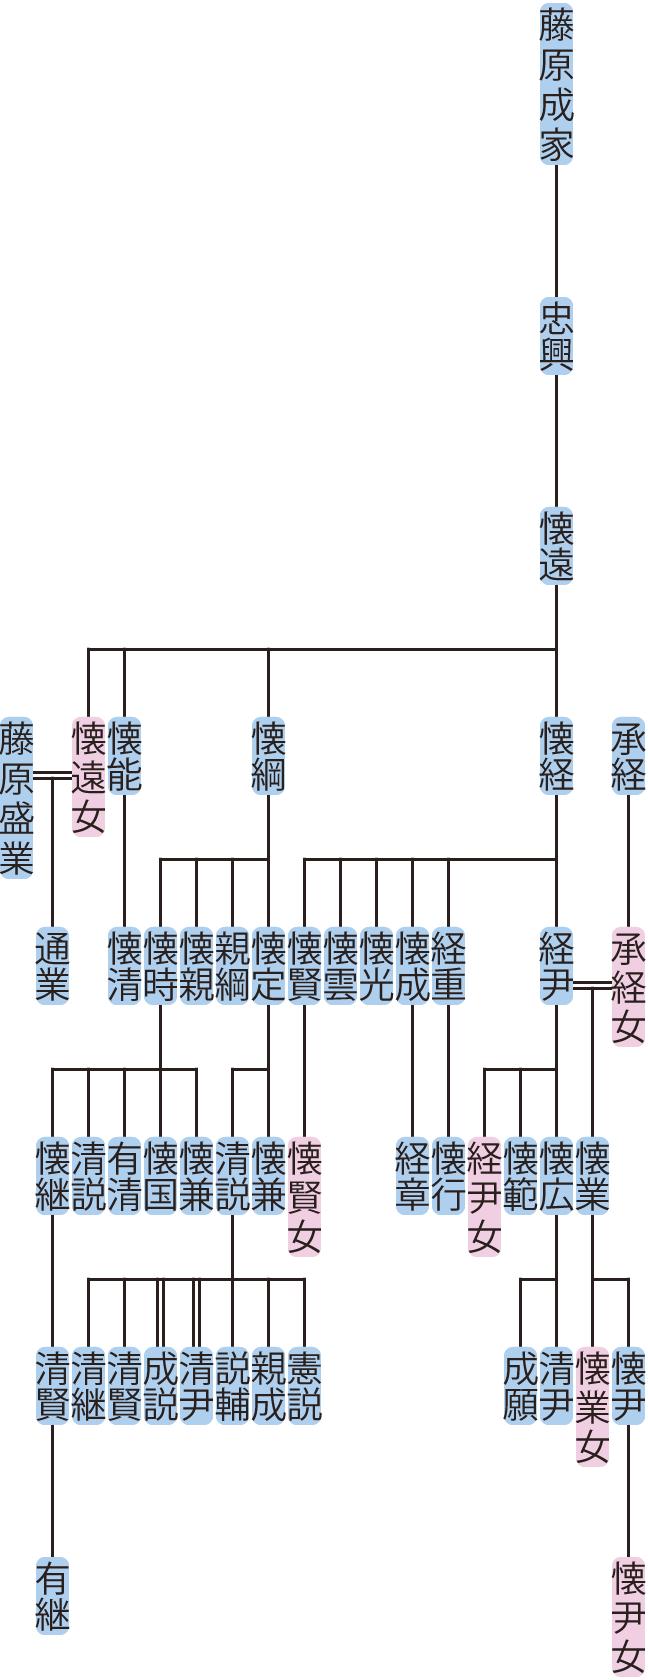 藤原懐遠~経尹の系図